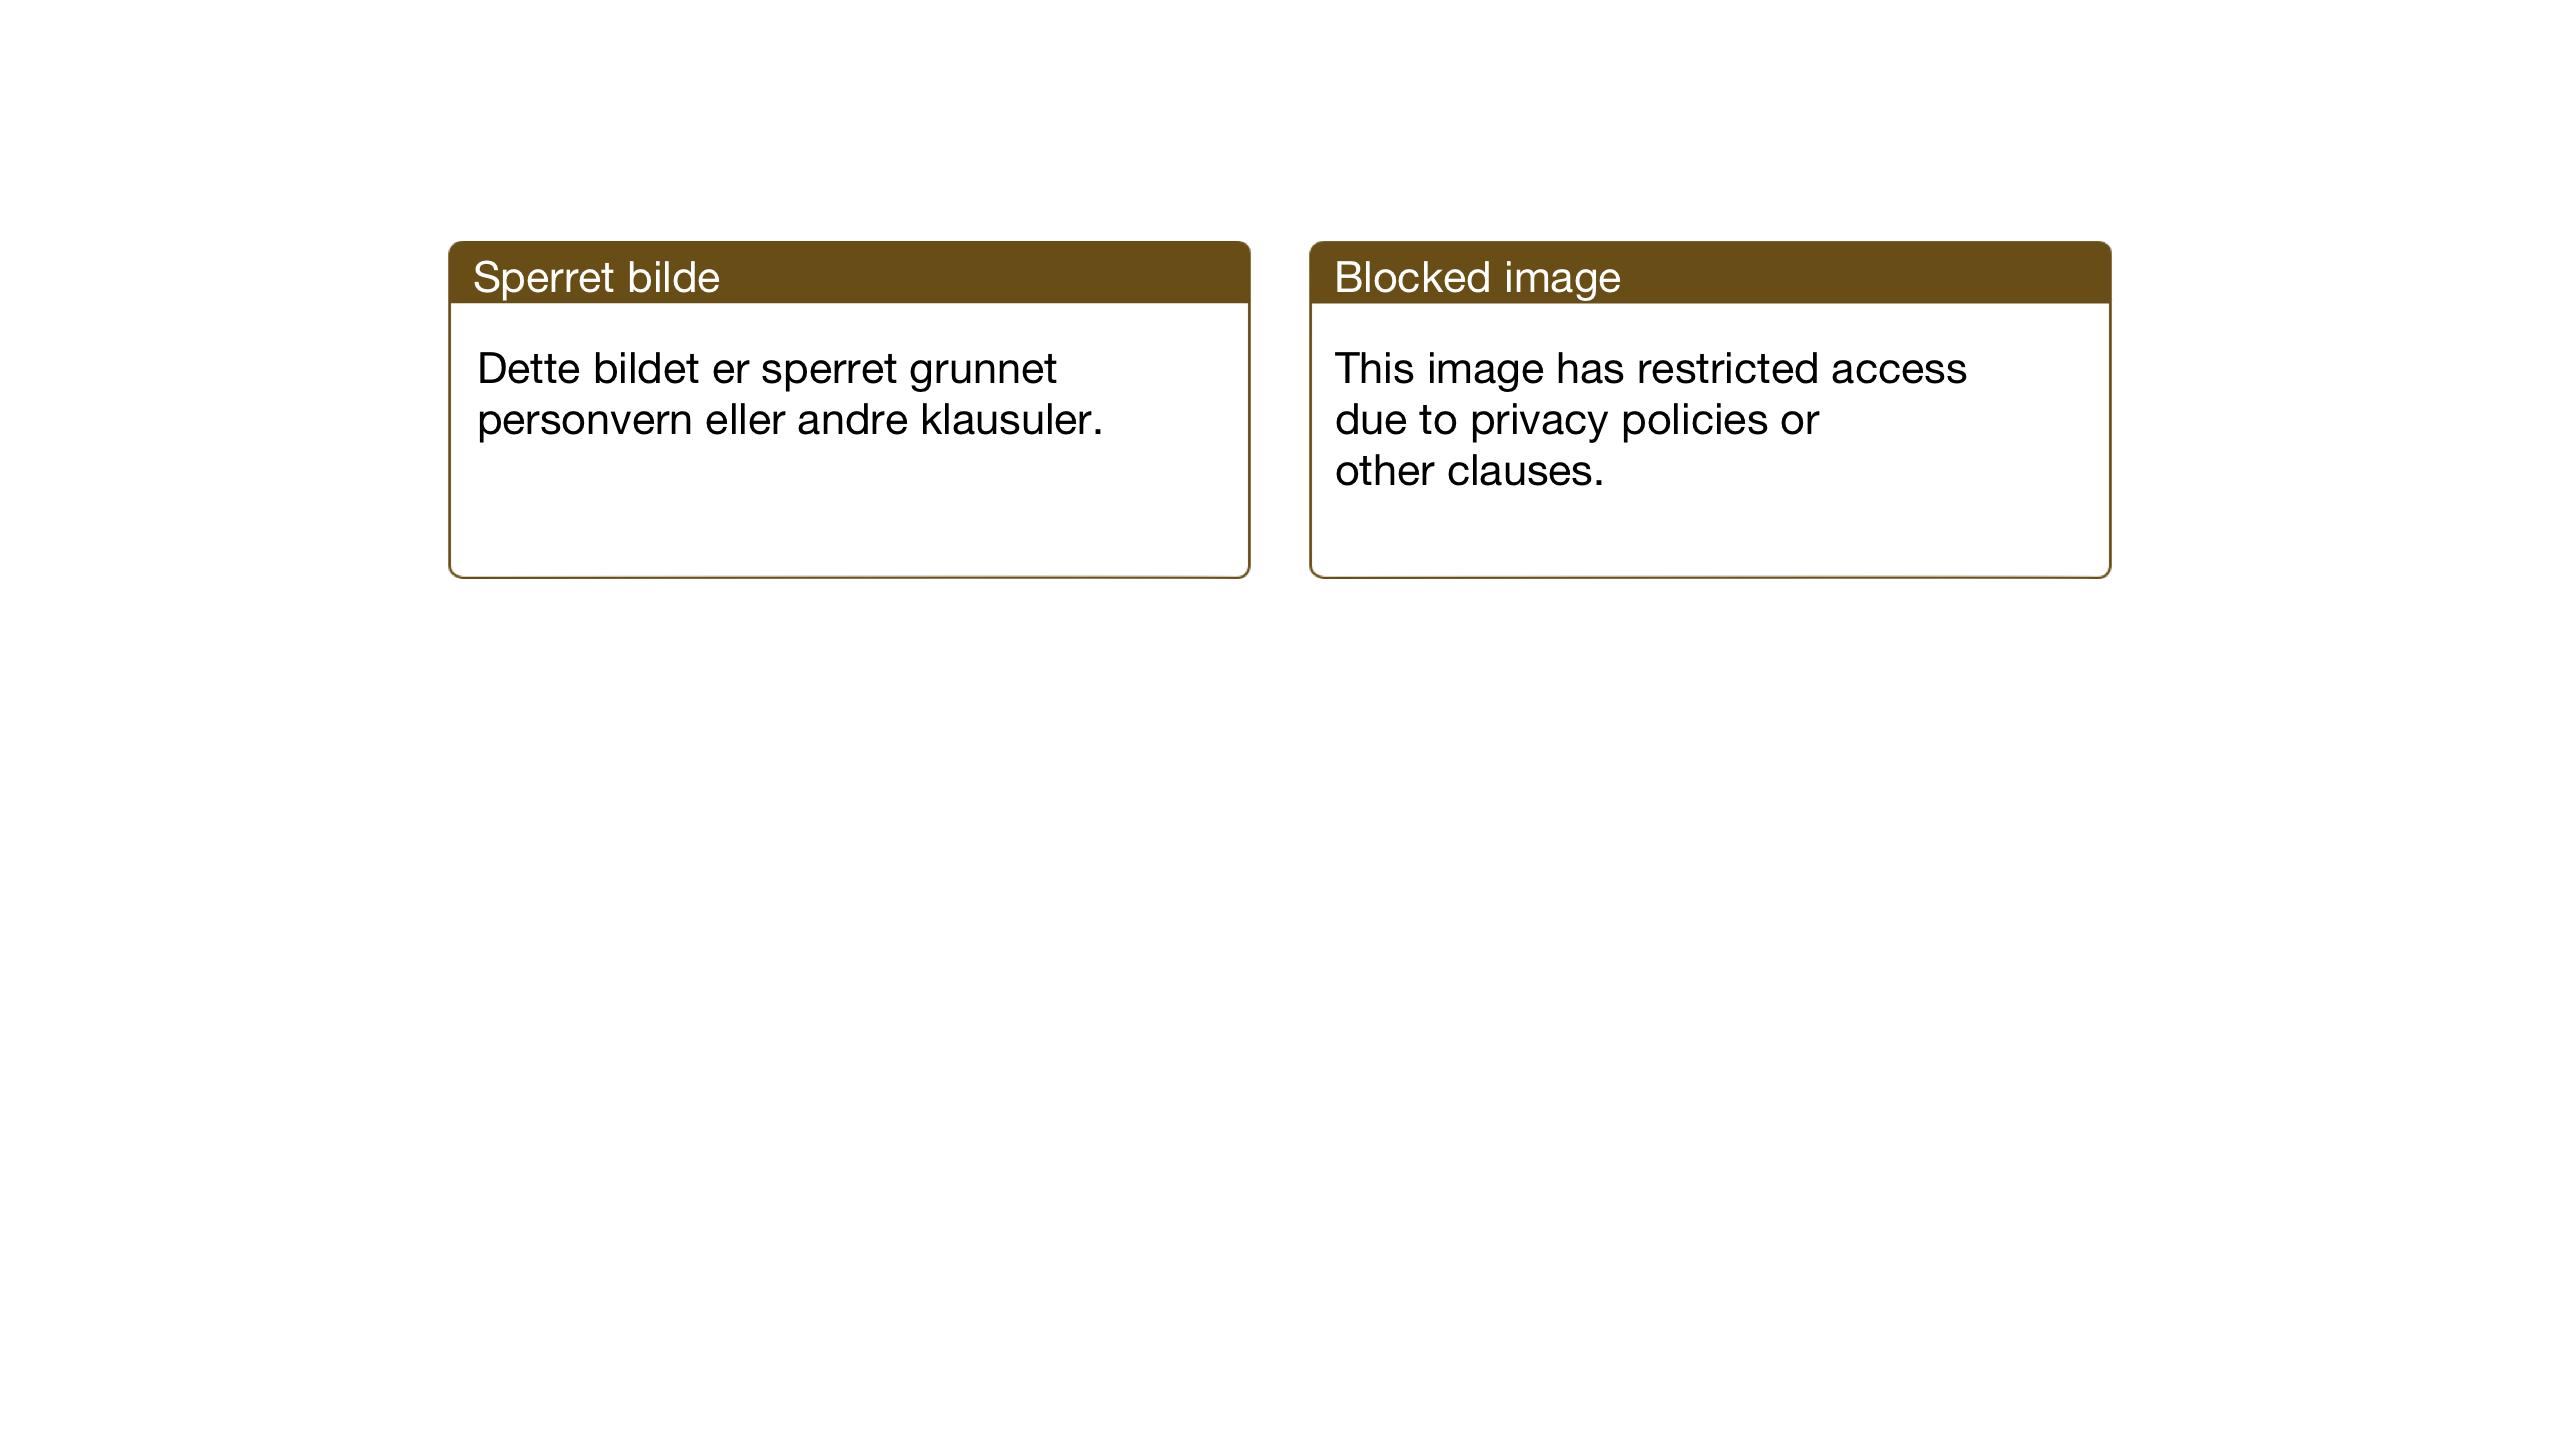 SAT, Ministerialprotokoller, klokkerbøker og fødselsregistre - Sør-Trøndelag, 618/L0454: Klokkerbok nr. 618C05, 1926-1946, s. 148